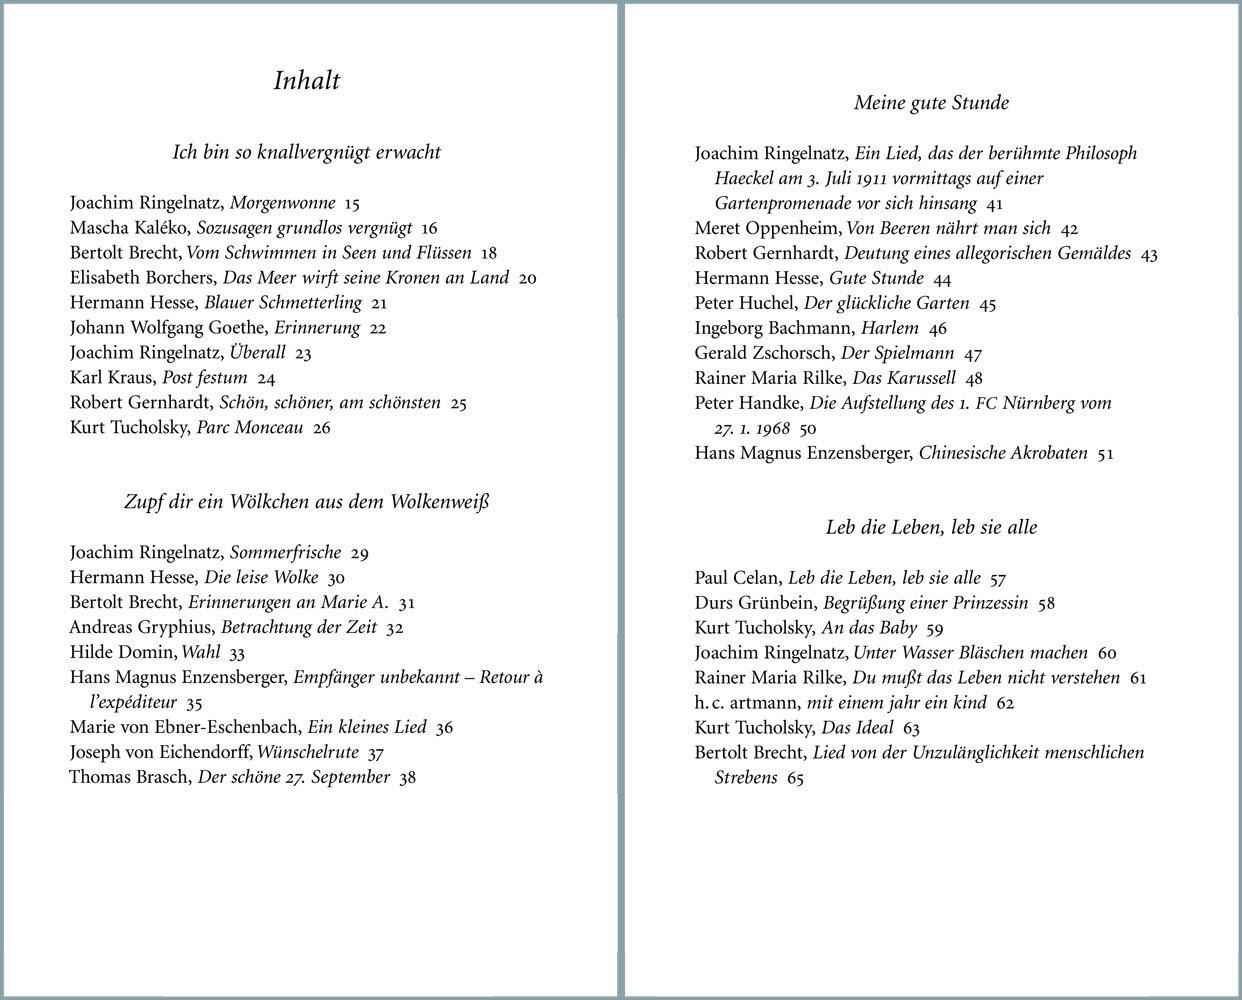 Gedichte Die Glücklich Machen 9783458359975 Amazoncom Books